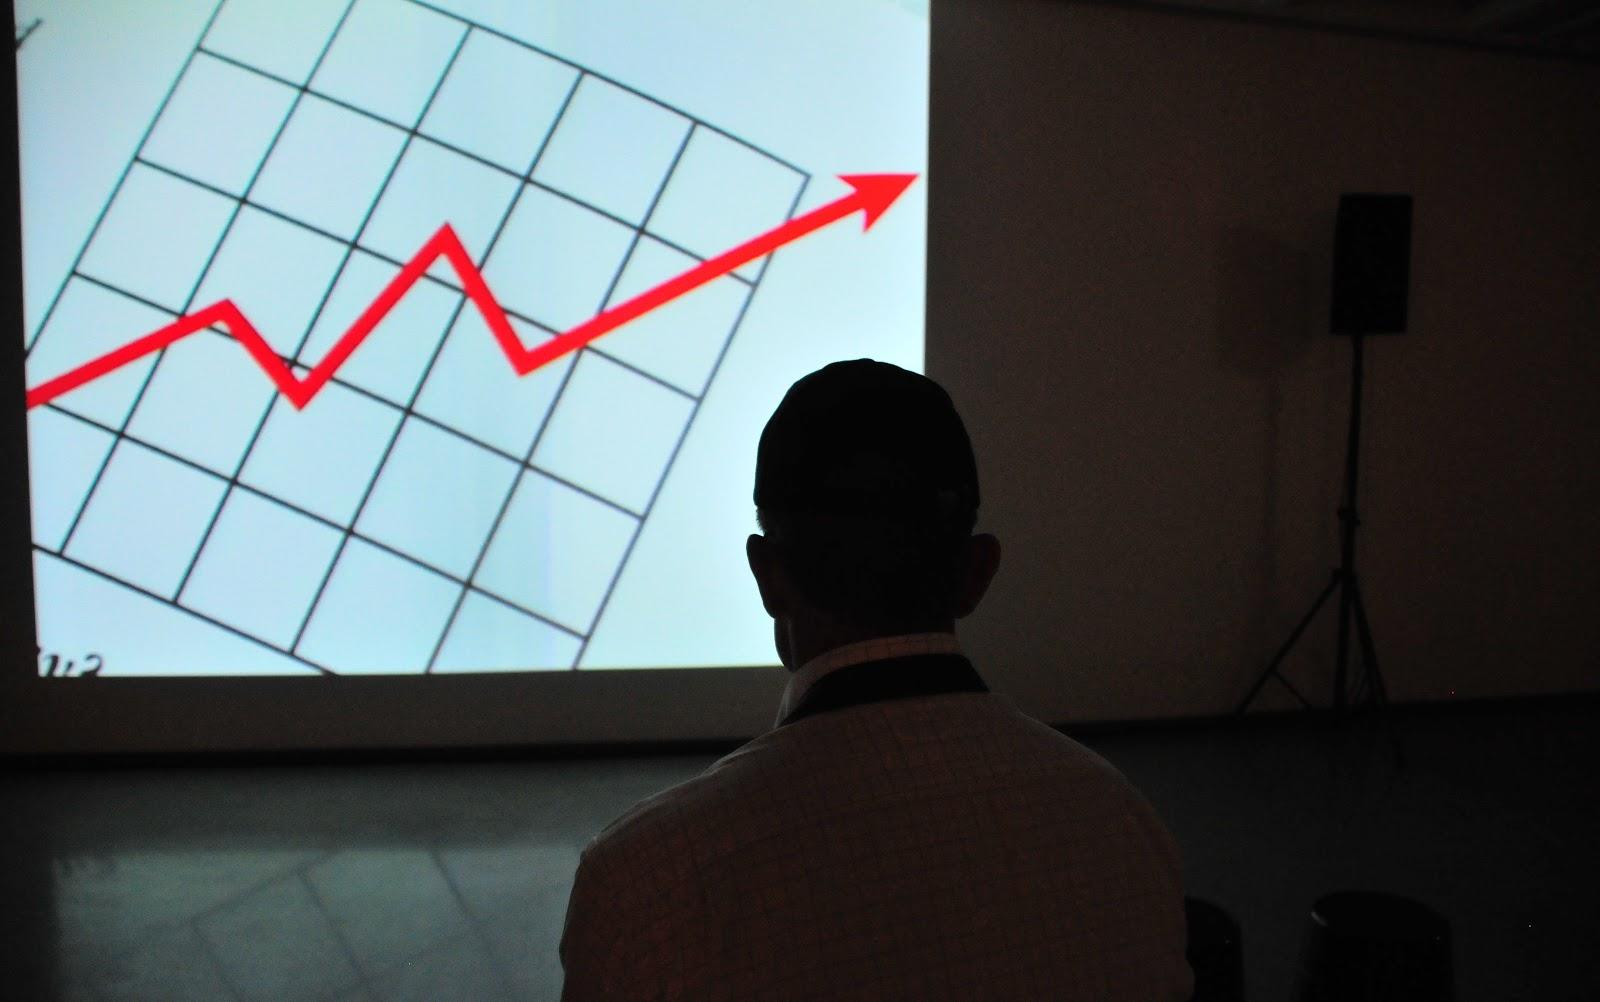 man looking at a chart